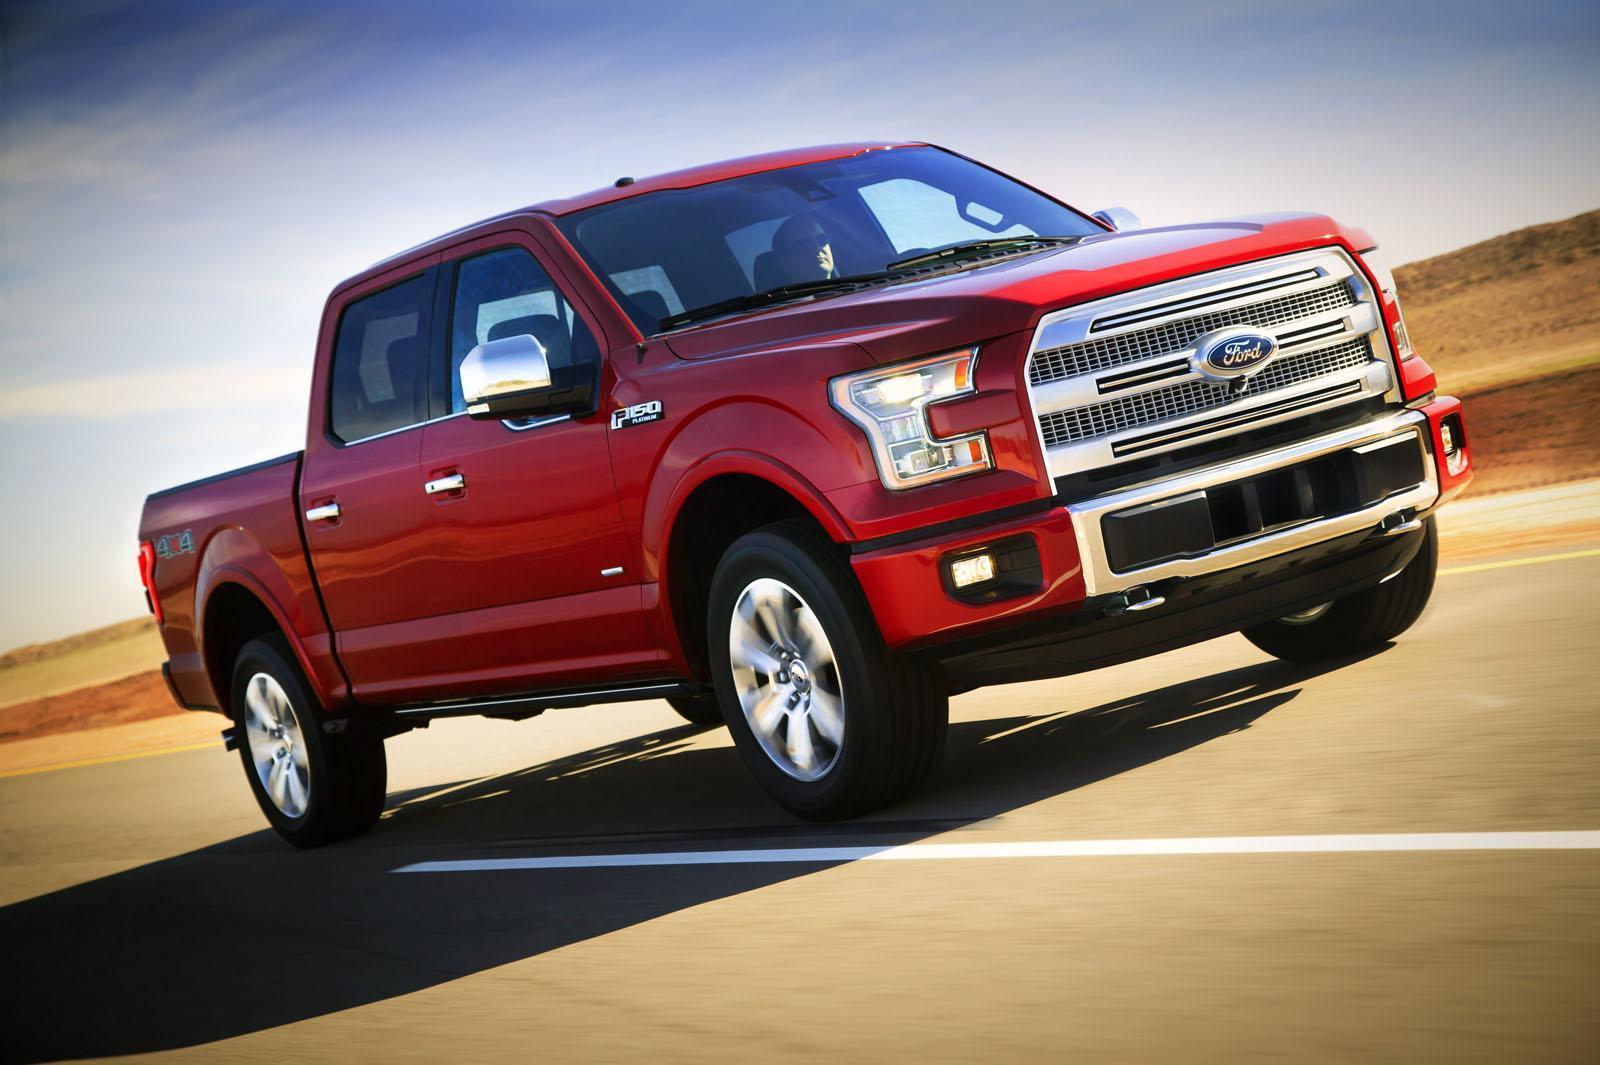 13 новых электромобилей собирается выпустить напротяжении 5 лет компания Форд